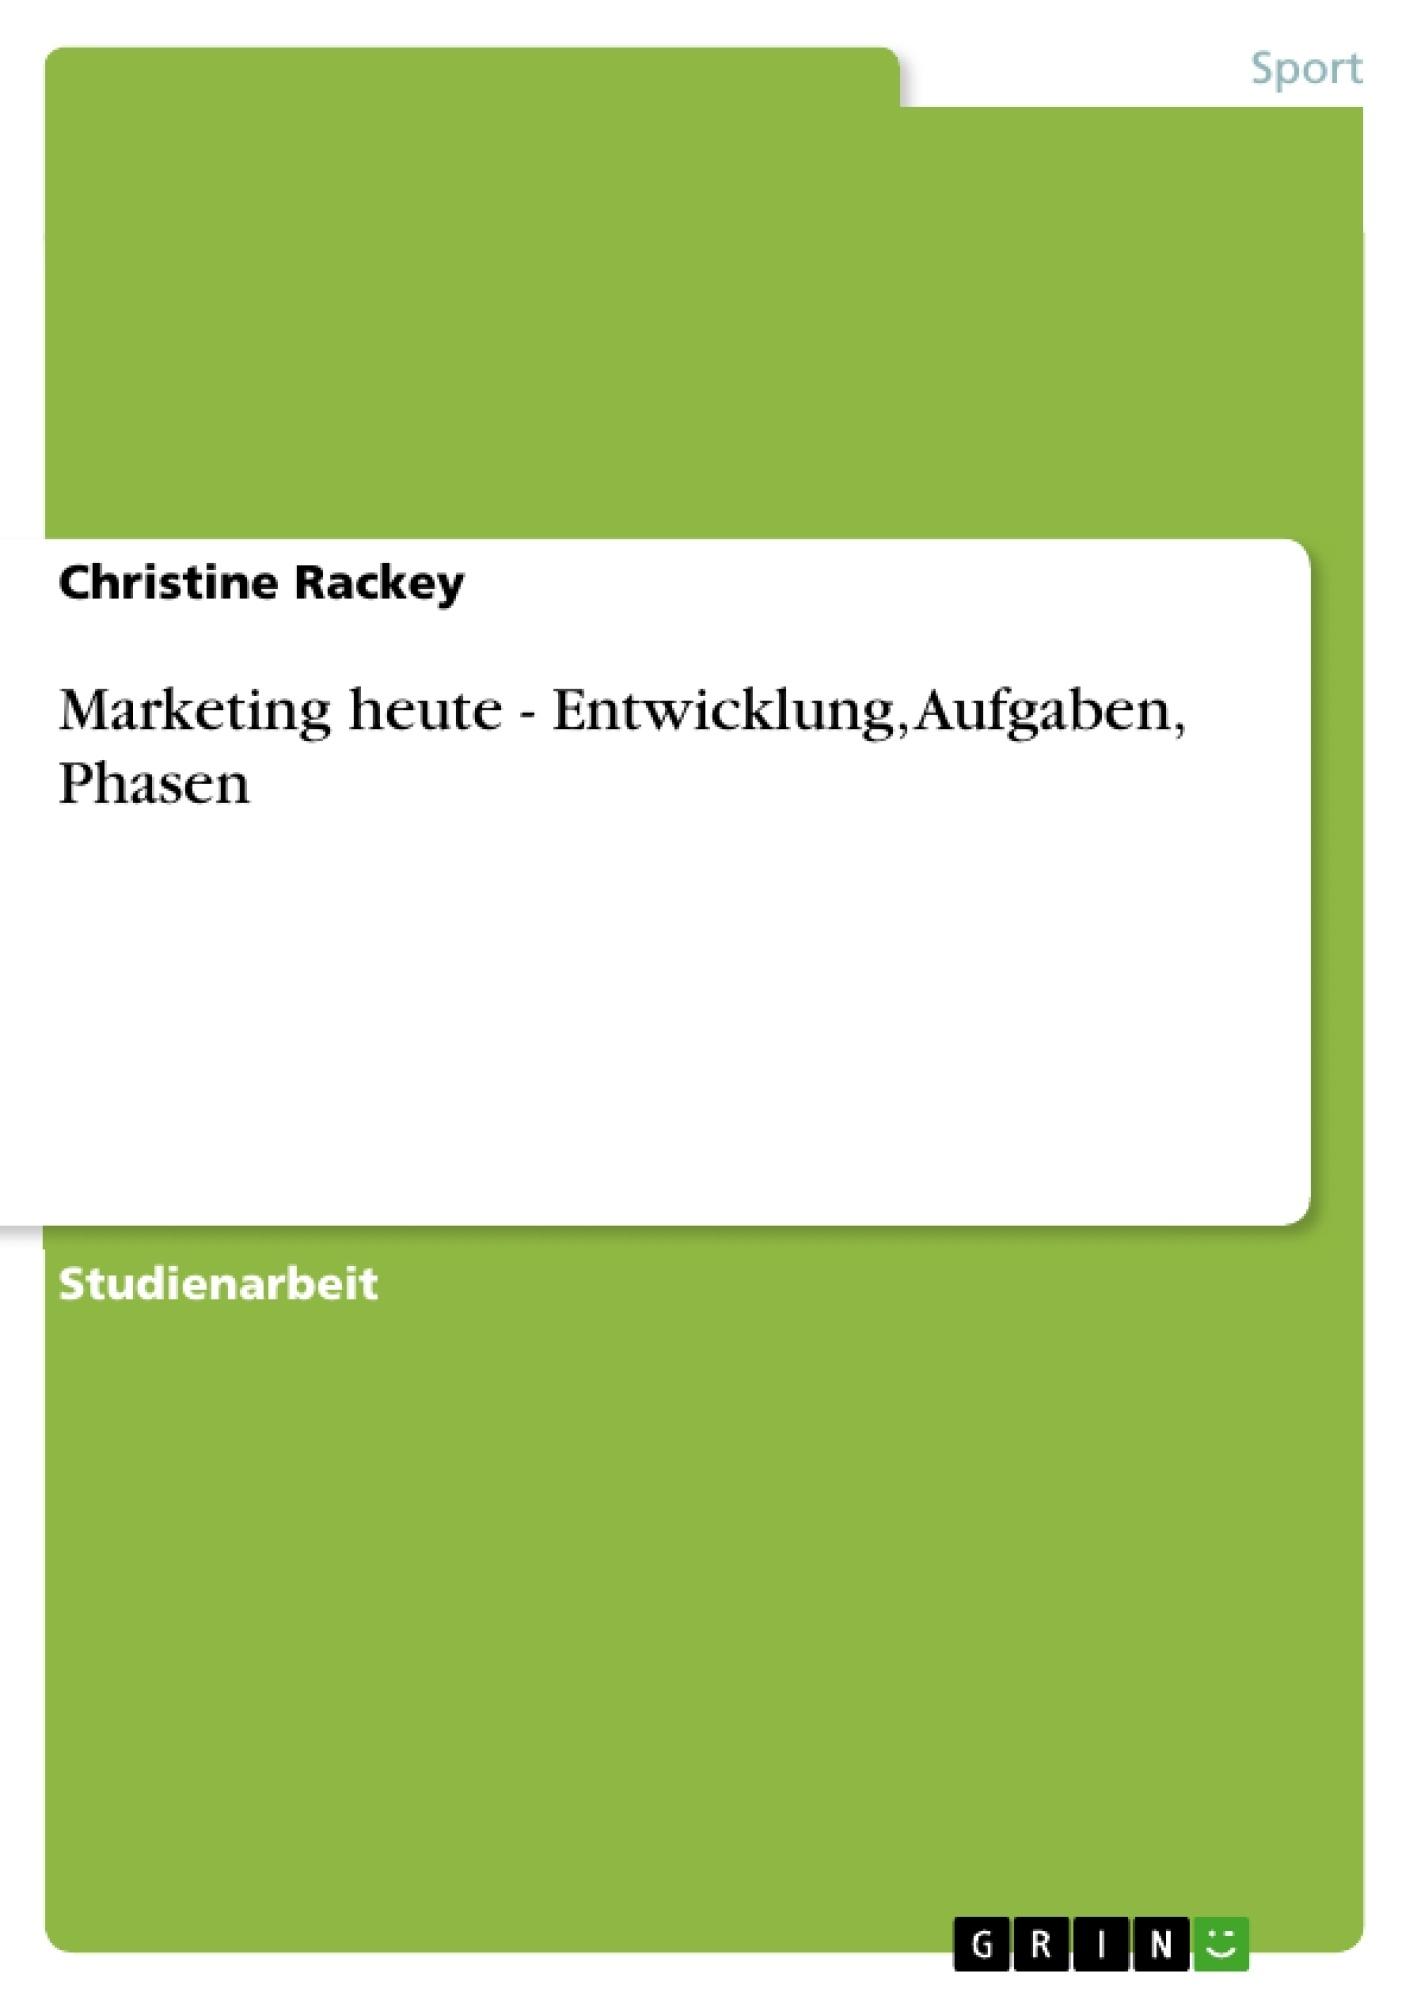 Titel: Marketing heute - Entwicklung, Aufgaben, Phasen